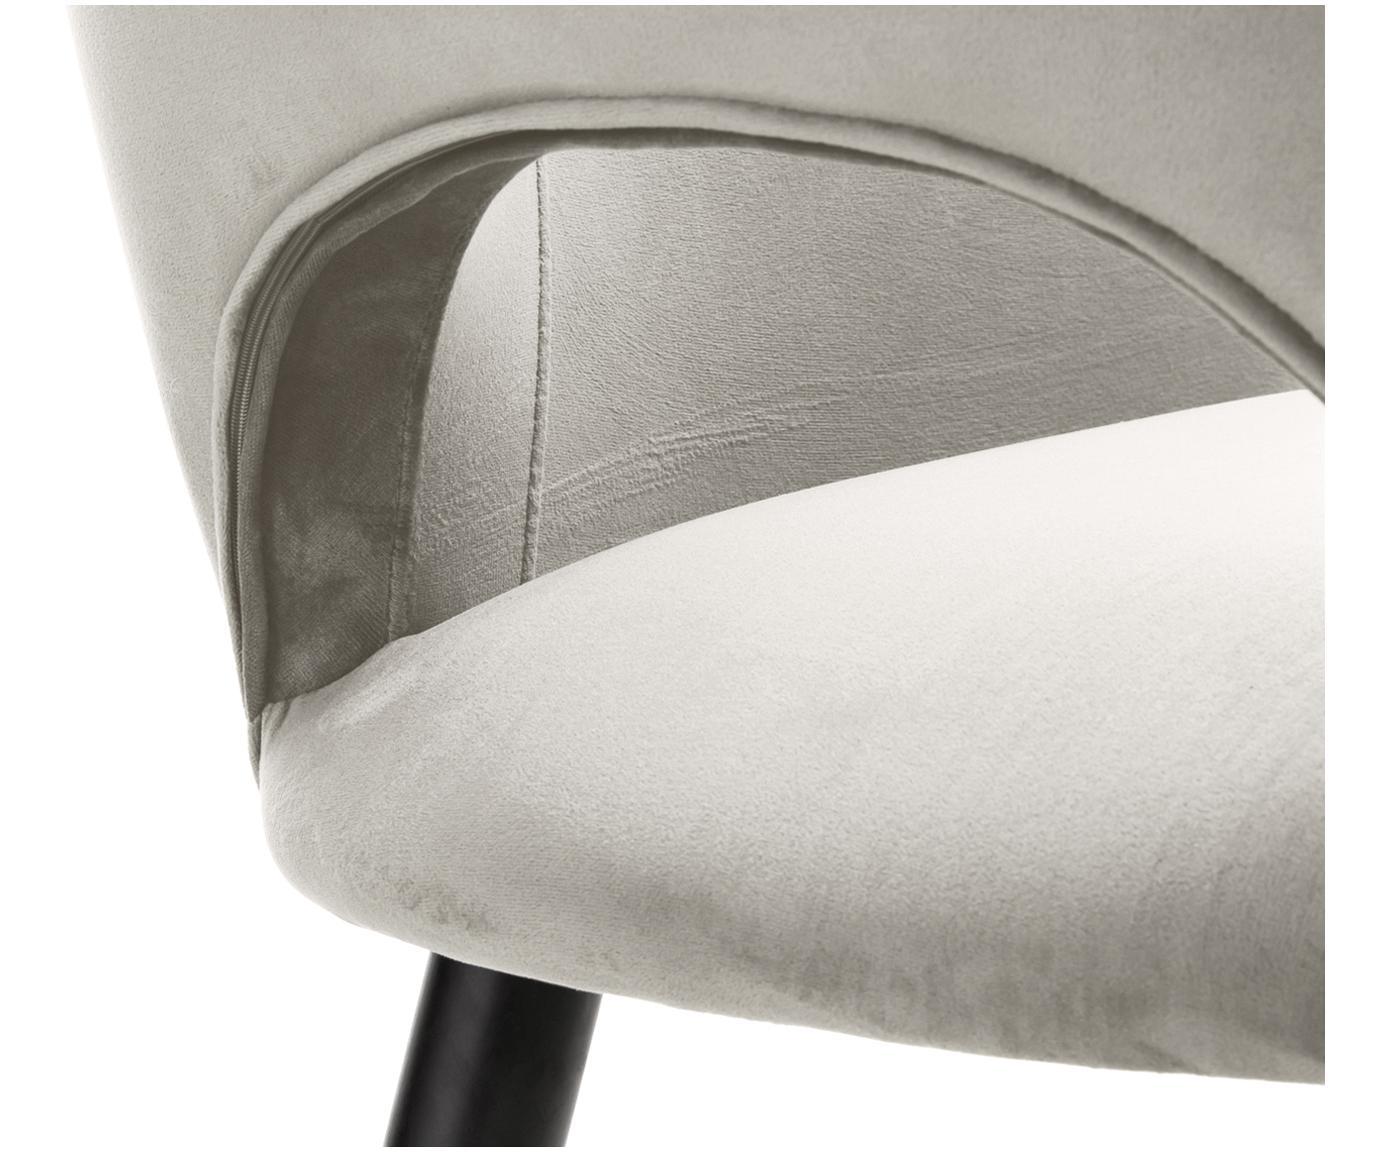 Krzesło z podłokietnikami z aksamitu Rachel, Tapicerka: aksamit (poliester) 5000, Nogi: metal malowany proszkowo, Aksamitny beżowy, S 47 x G 64 cm